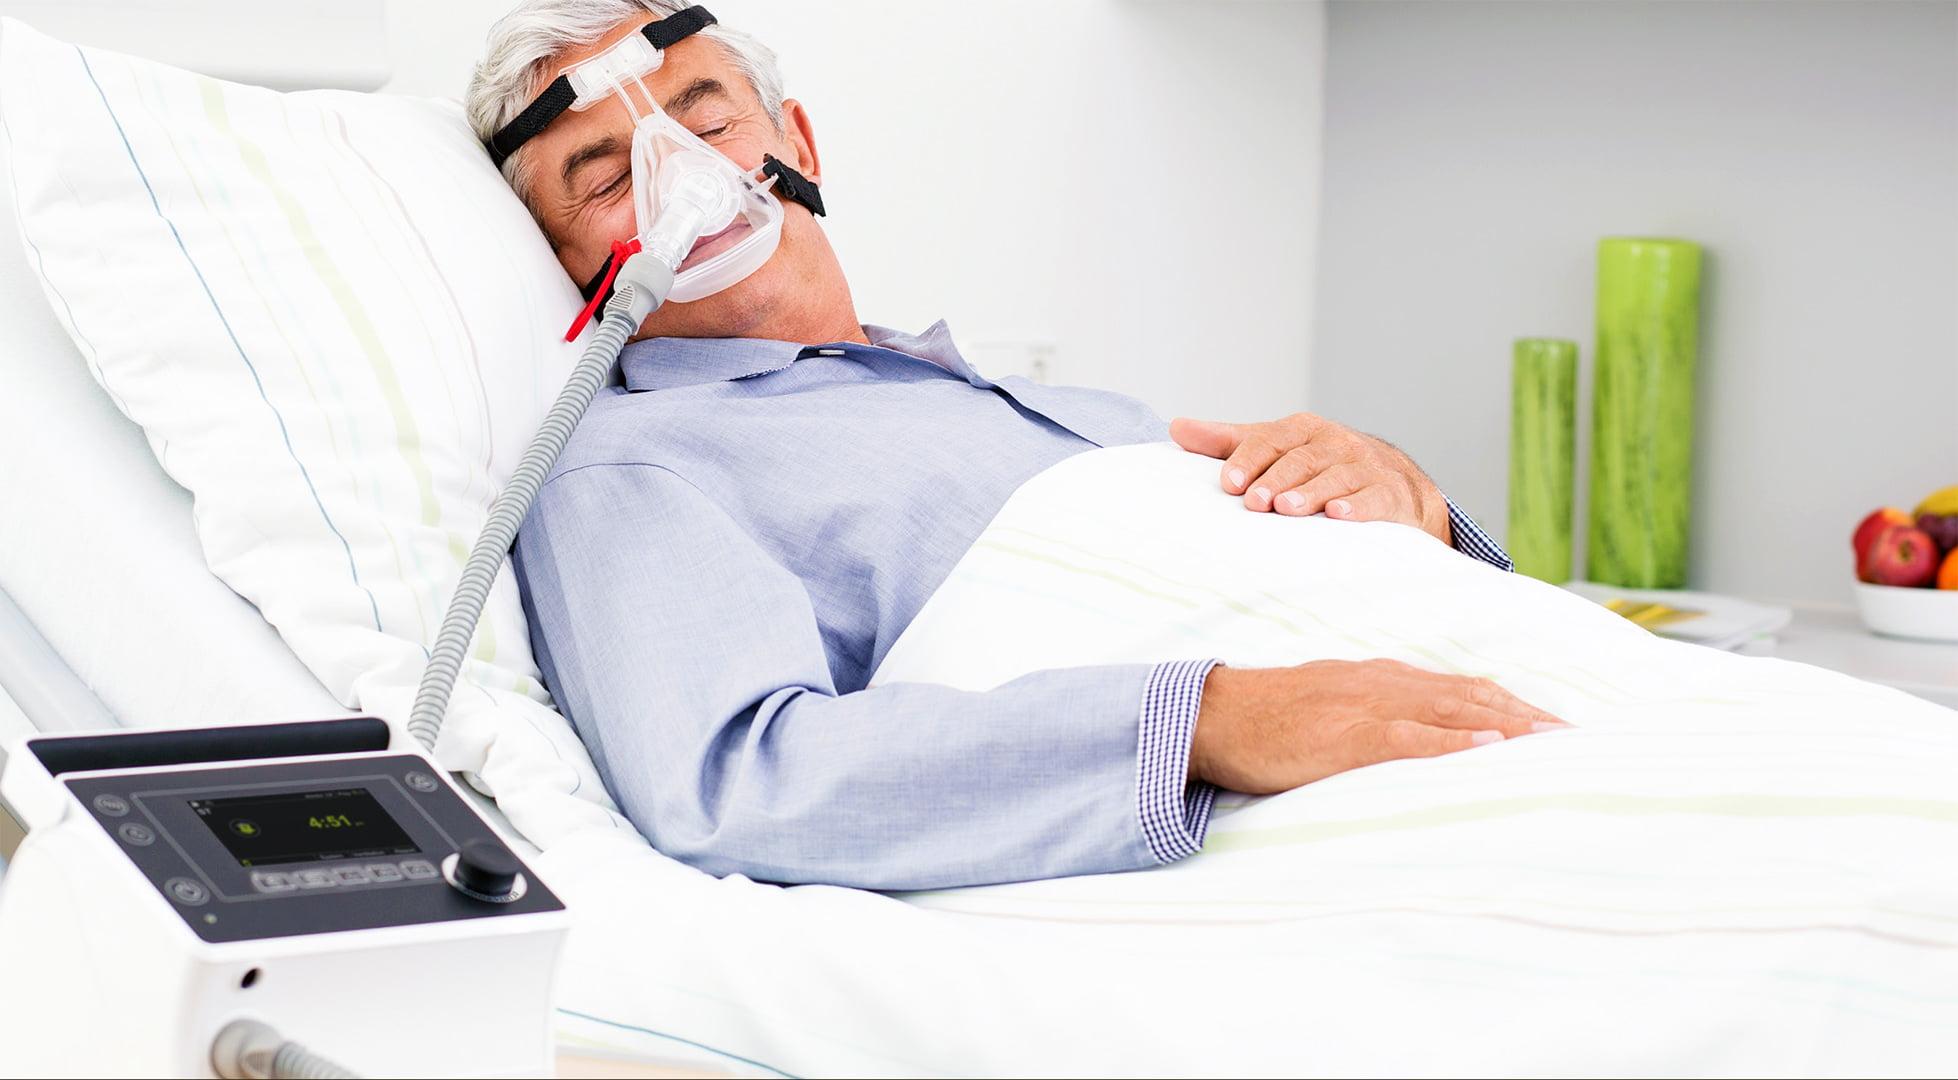 Аппарат неинвазивной вентиляции легких ИВЛ и НИВЛ Prisma VENT 30 / 30-C пациент спит в кровати мужчина в маске